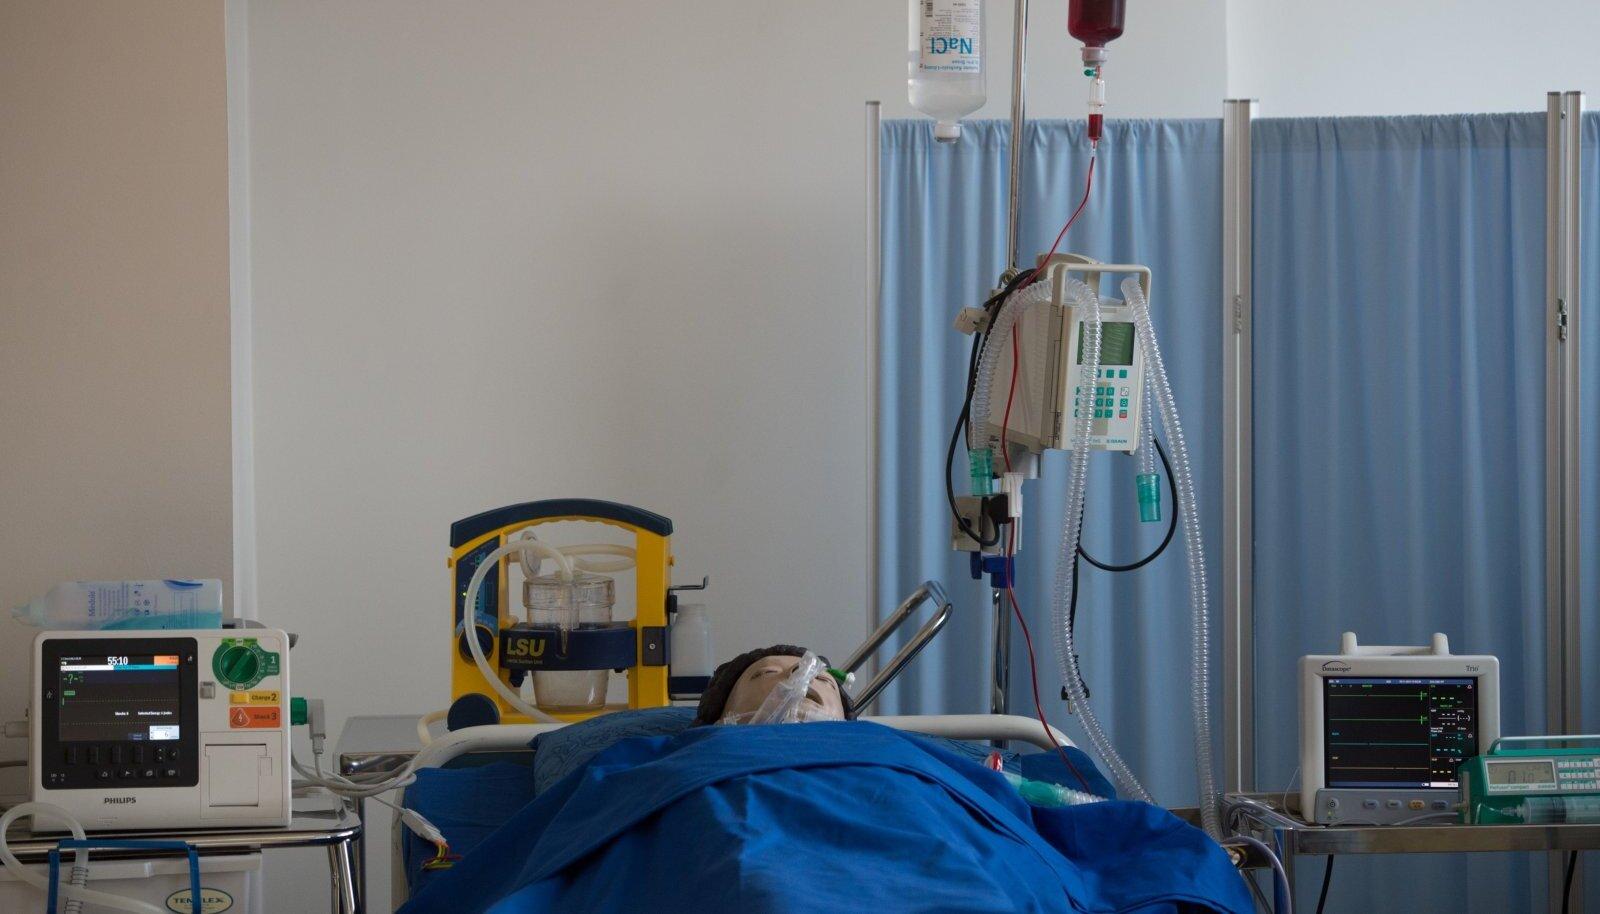 Intensiivravi andmise üle otsustamine on alati eetikaotsus, rõhutavad arstid.